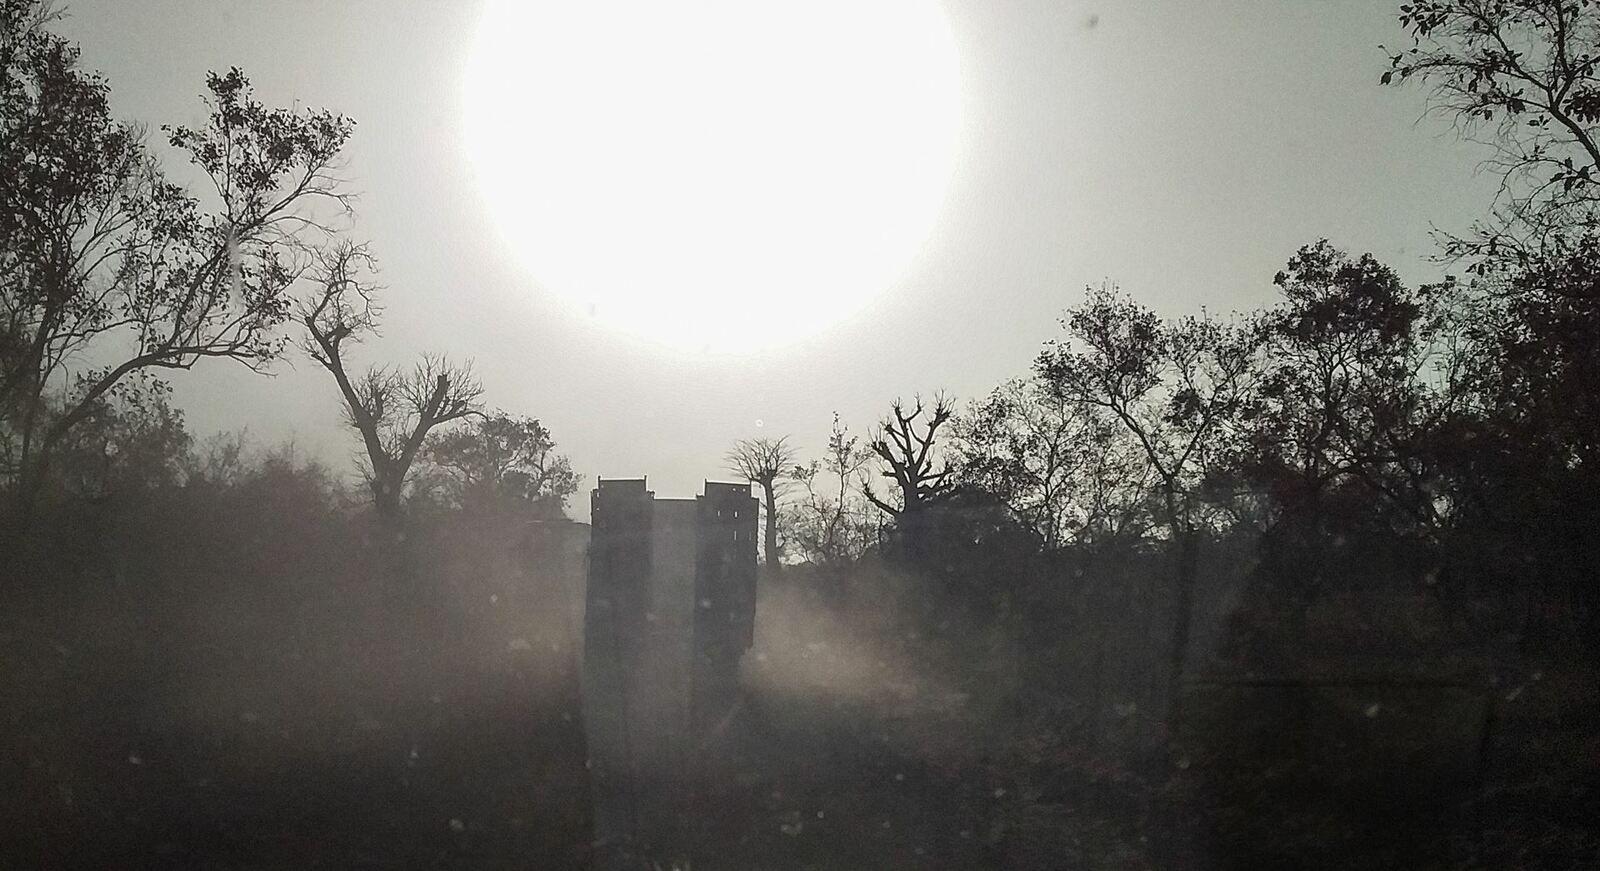 Soleil et poussière rendent parfois la conduite aléatoire (Vers Kidira - Sénégal)